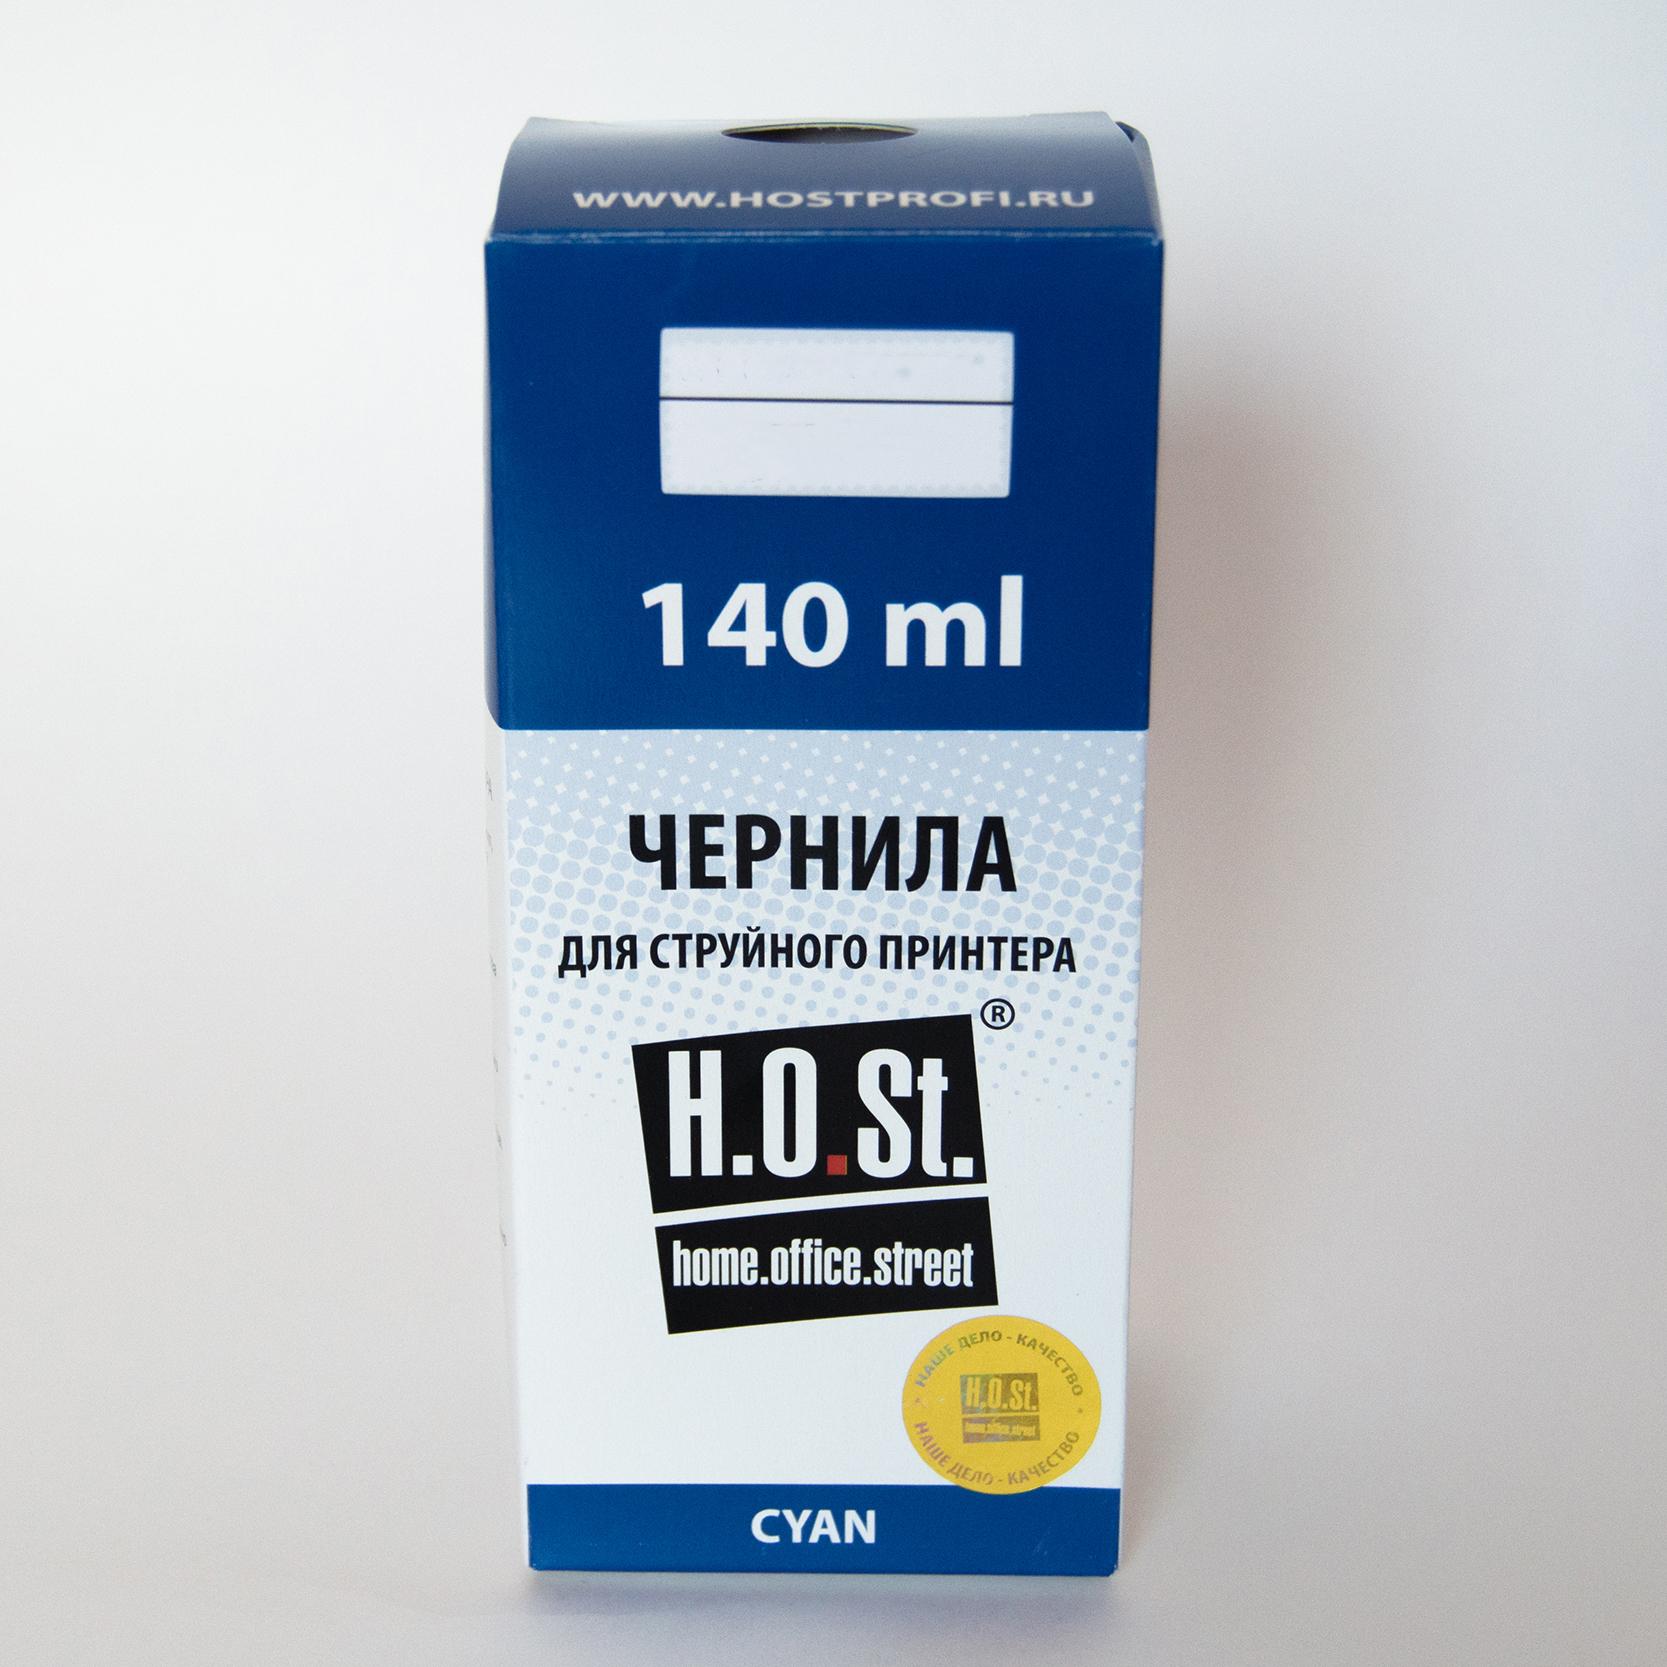 Чернила HOSt для Epson XP-103  Cyan водные Премиум 140ml